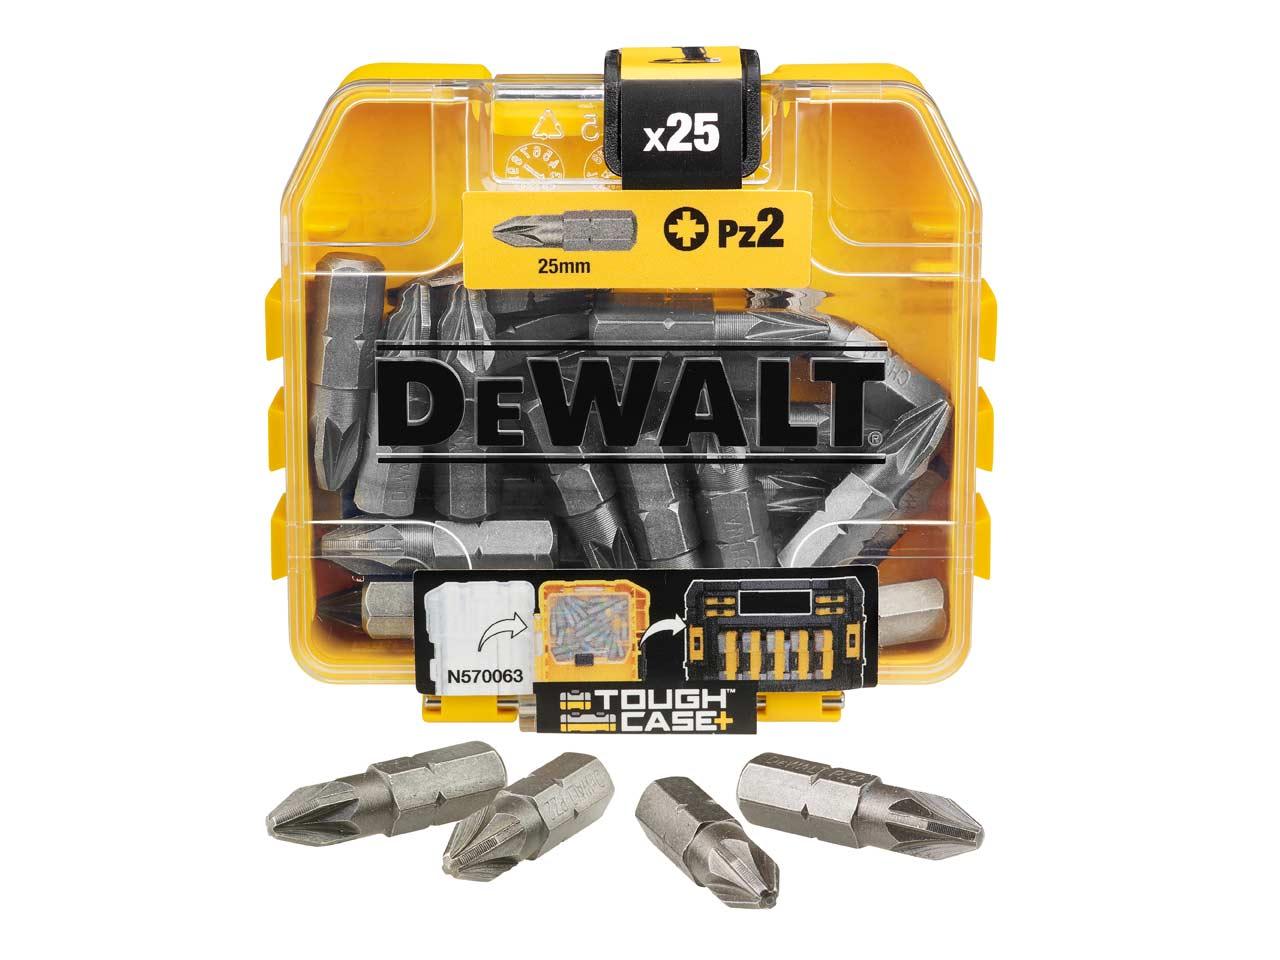 Dewalt_DT71521v2.jpg